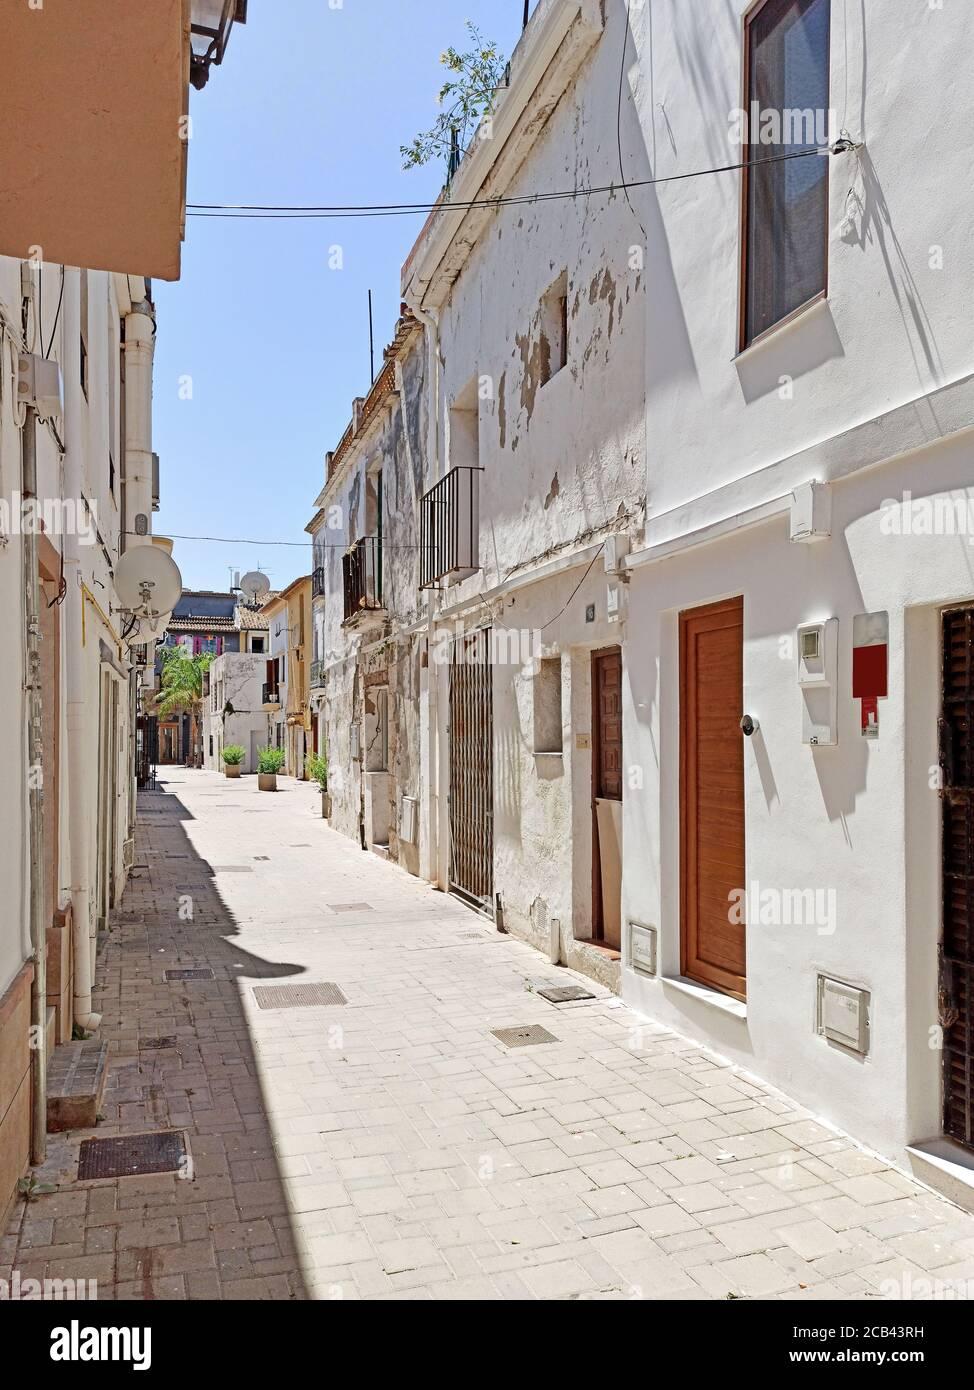 Encantadora calle encalada blanca durante el caluroso día de verano de la ciudad turística turística turística de Denia. Comunidad Valenciana, Provincia de Alicante, Foto de stock